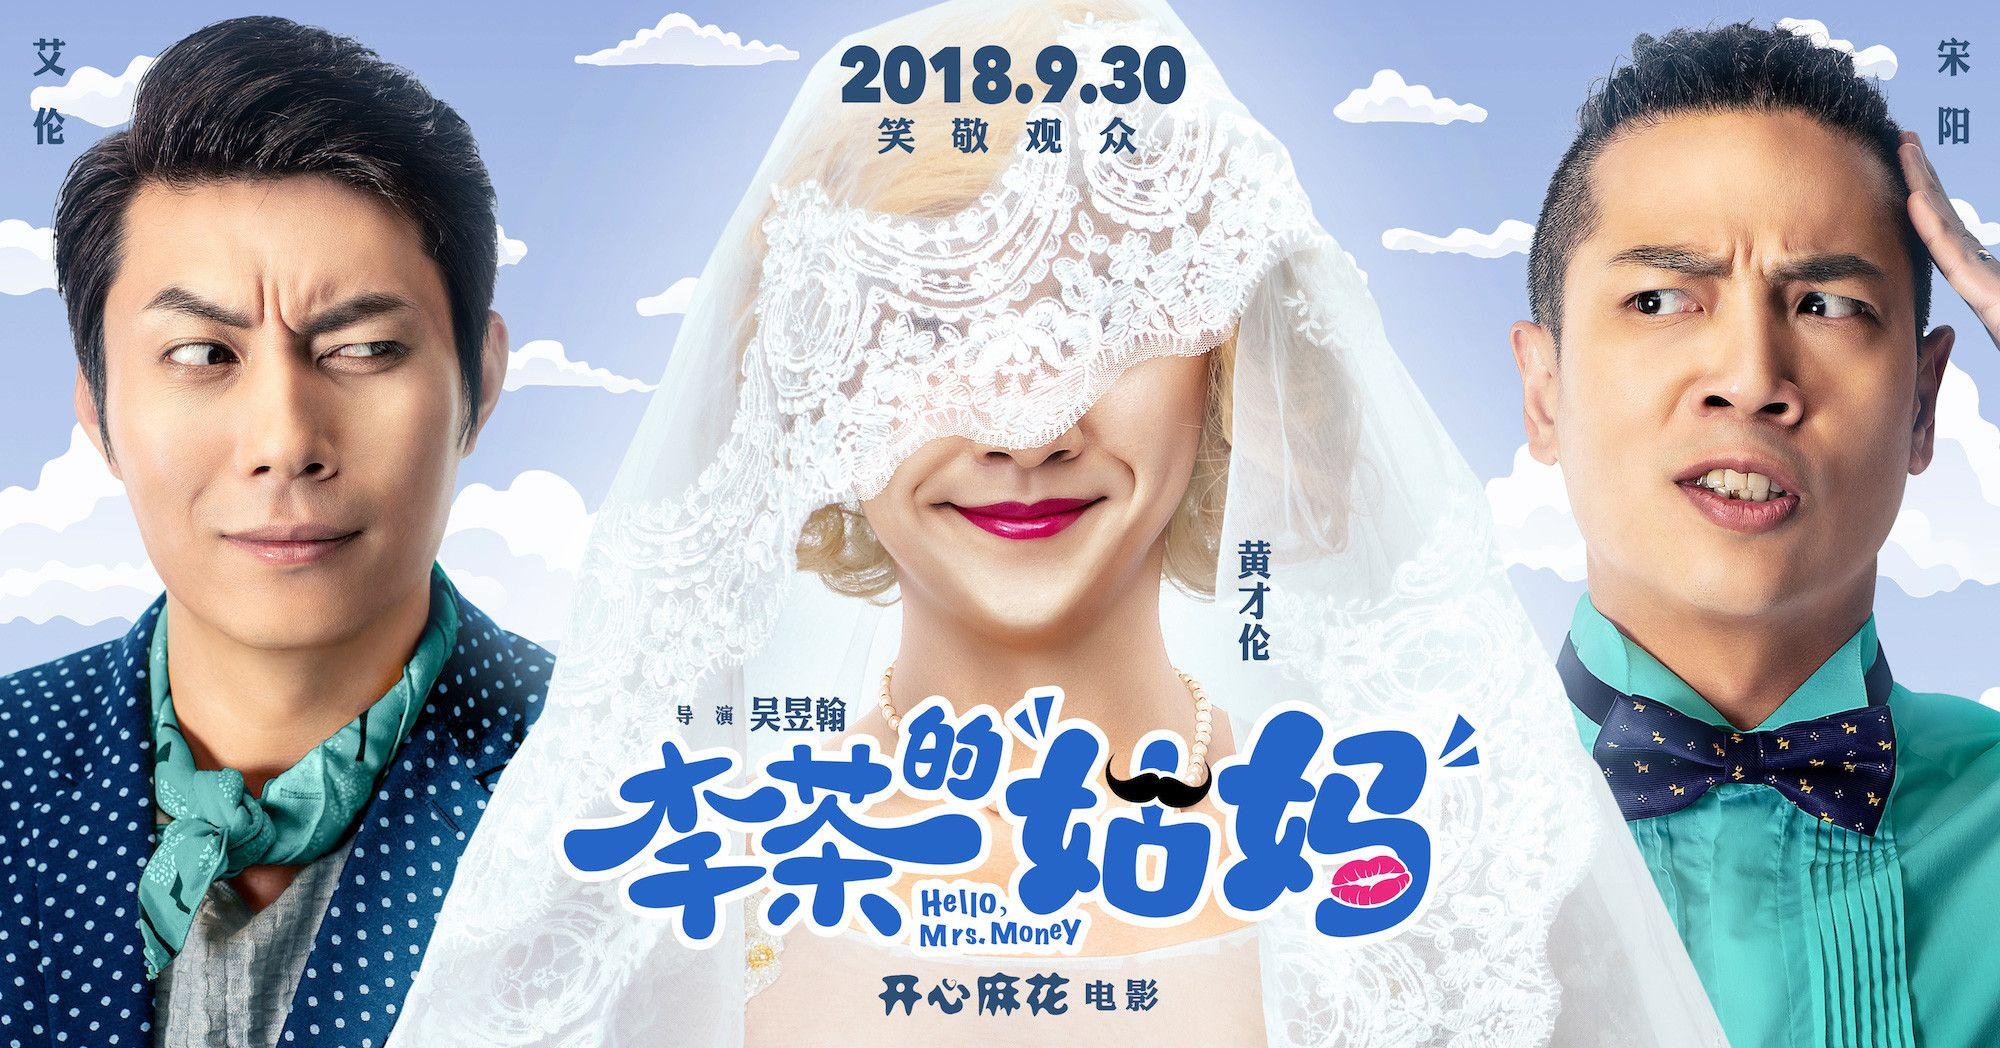 开心麻花电影《李茶的姑妈》发布角色版海报,沈腾常远王成思曝光